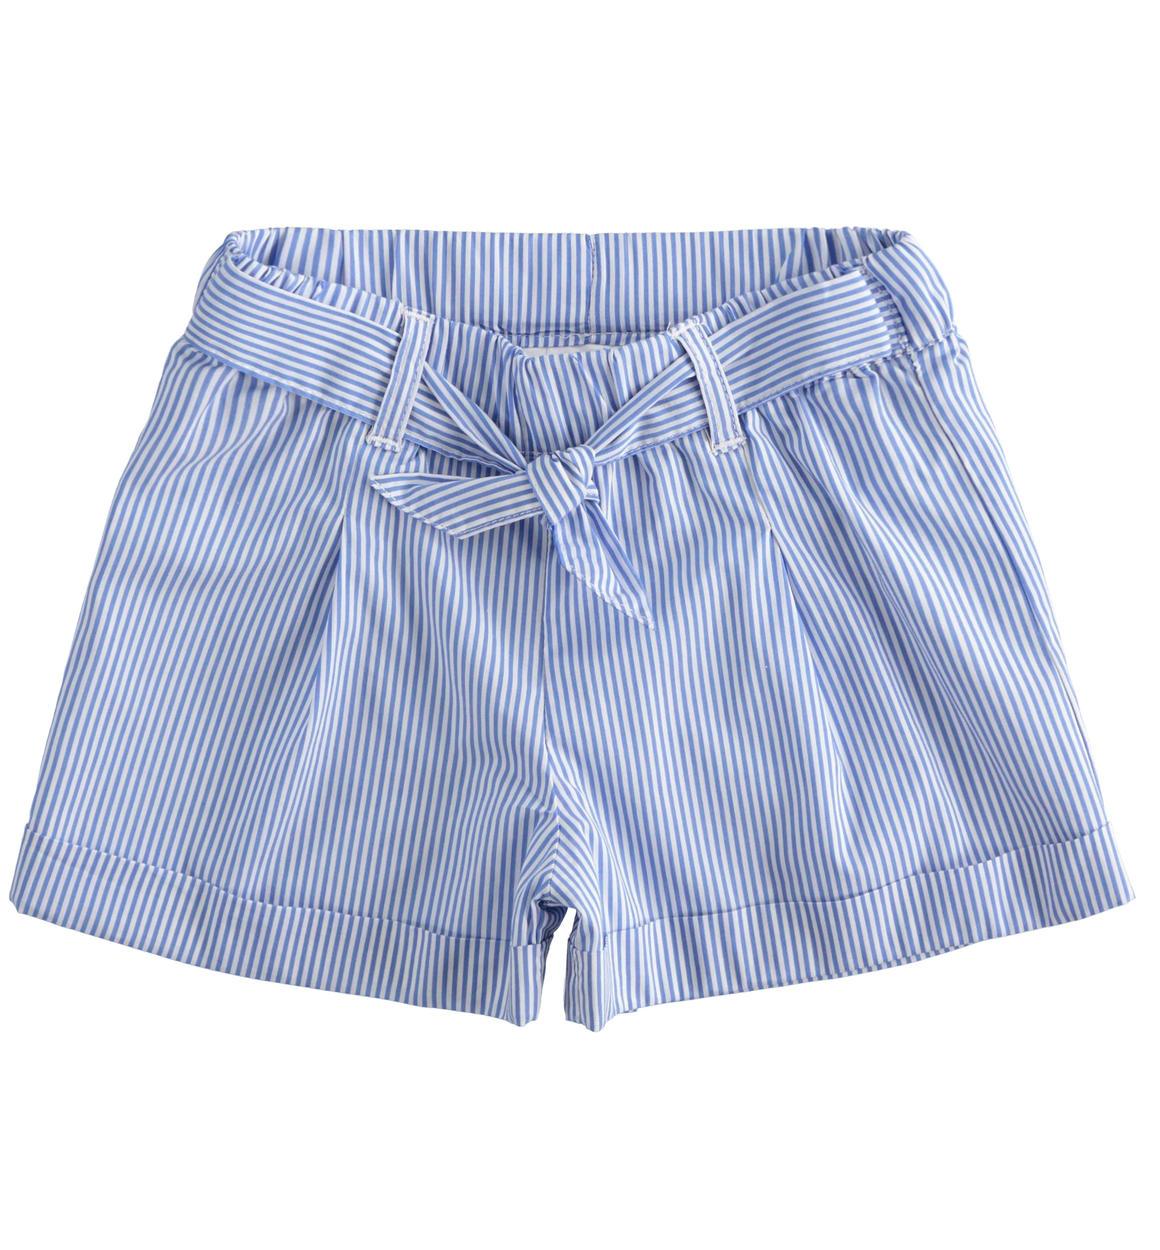 kék-fehér csíkos megköthető magasderekú kislány gyerek rövidnadrág